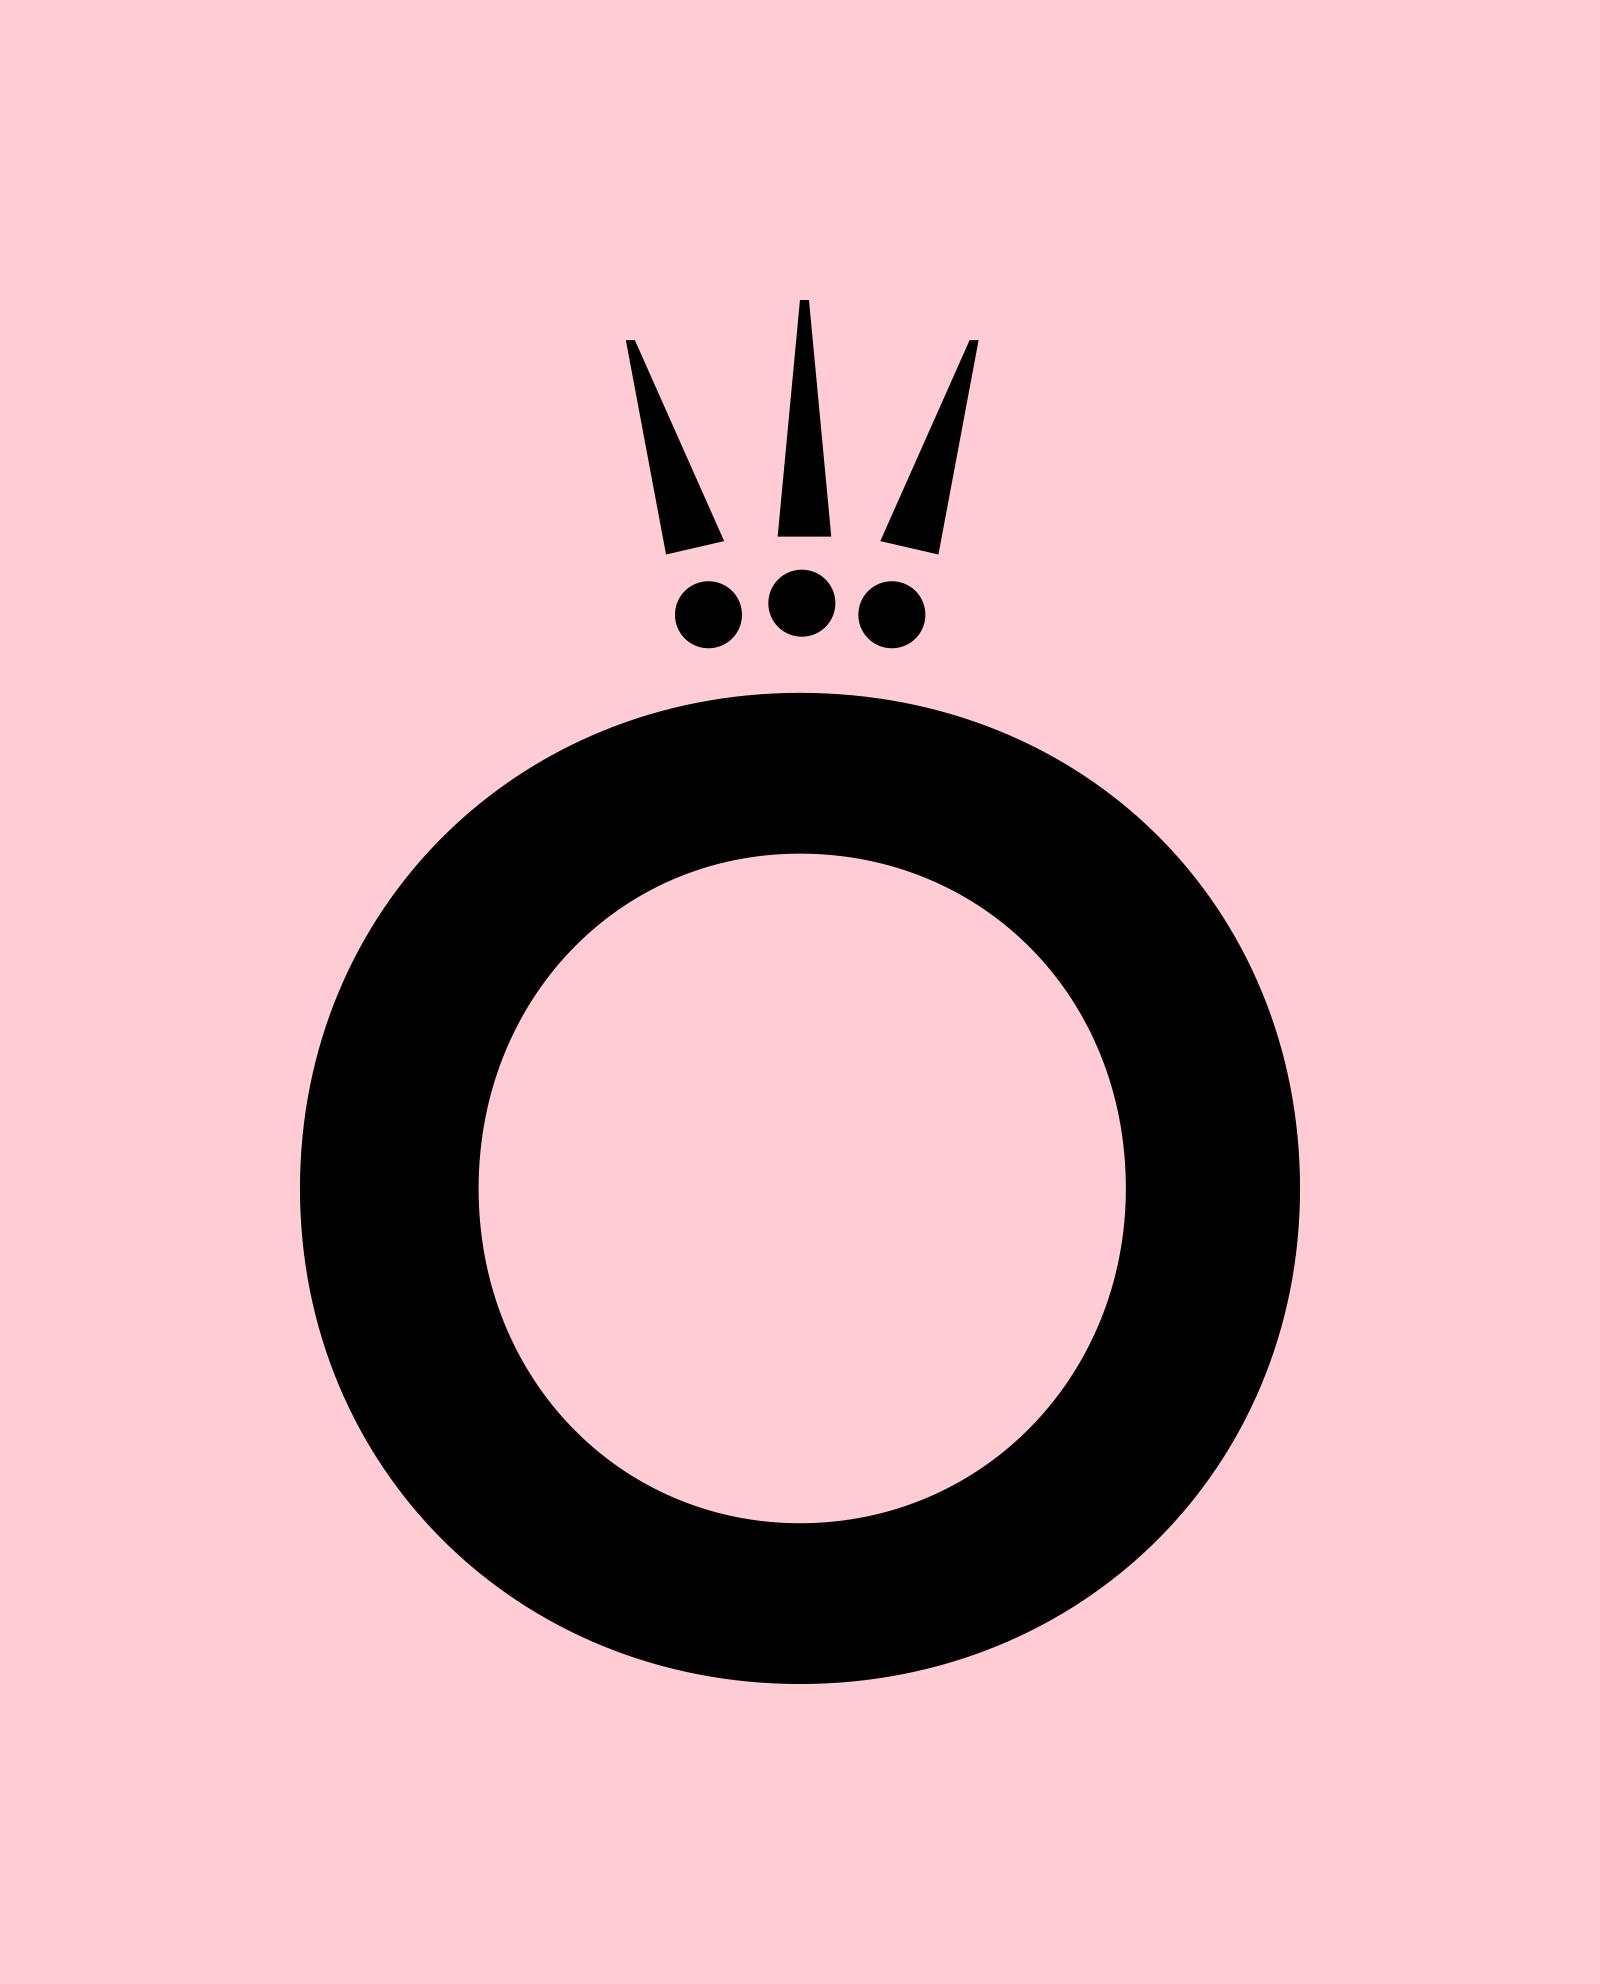 New Logo For Pandora Graphic Design Visual Design Branding Design Graphicdesign Graphic Typogr Pandora Design Pandora Logo Graphic Design Branding